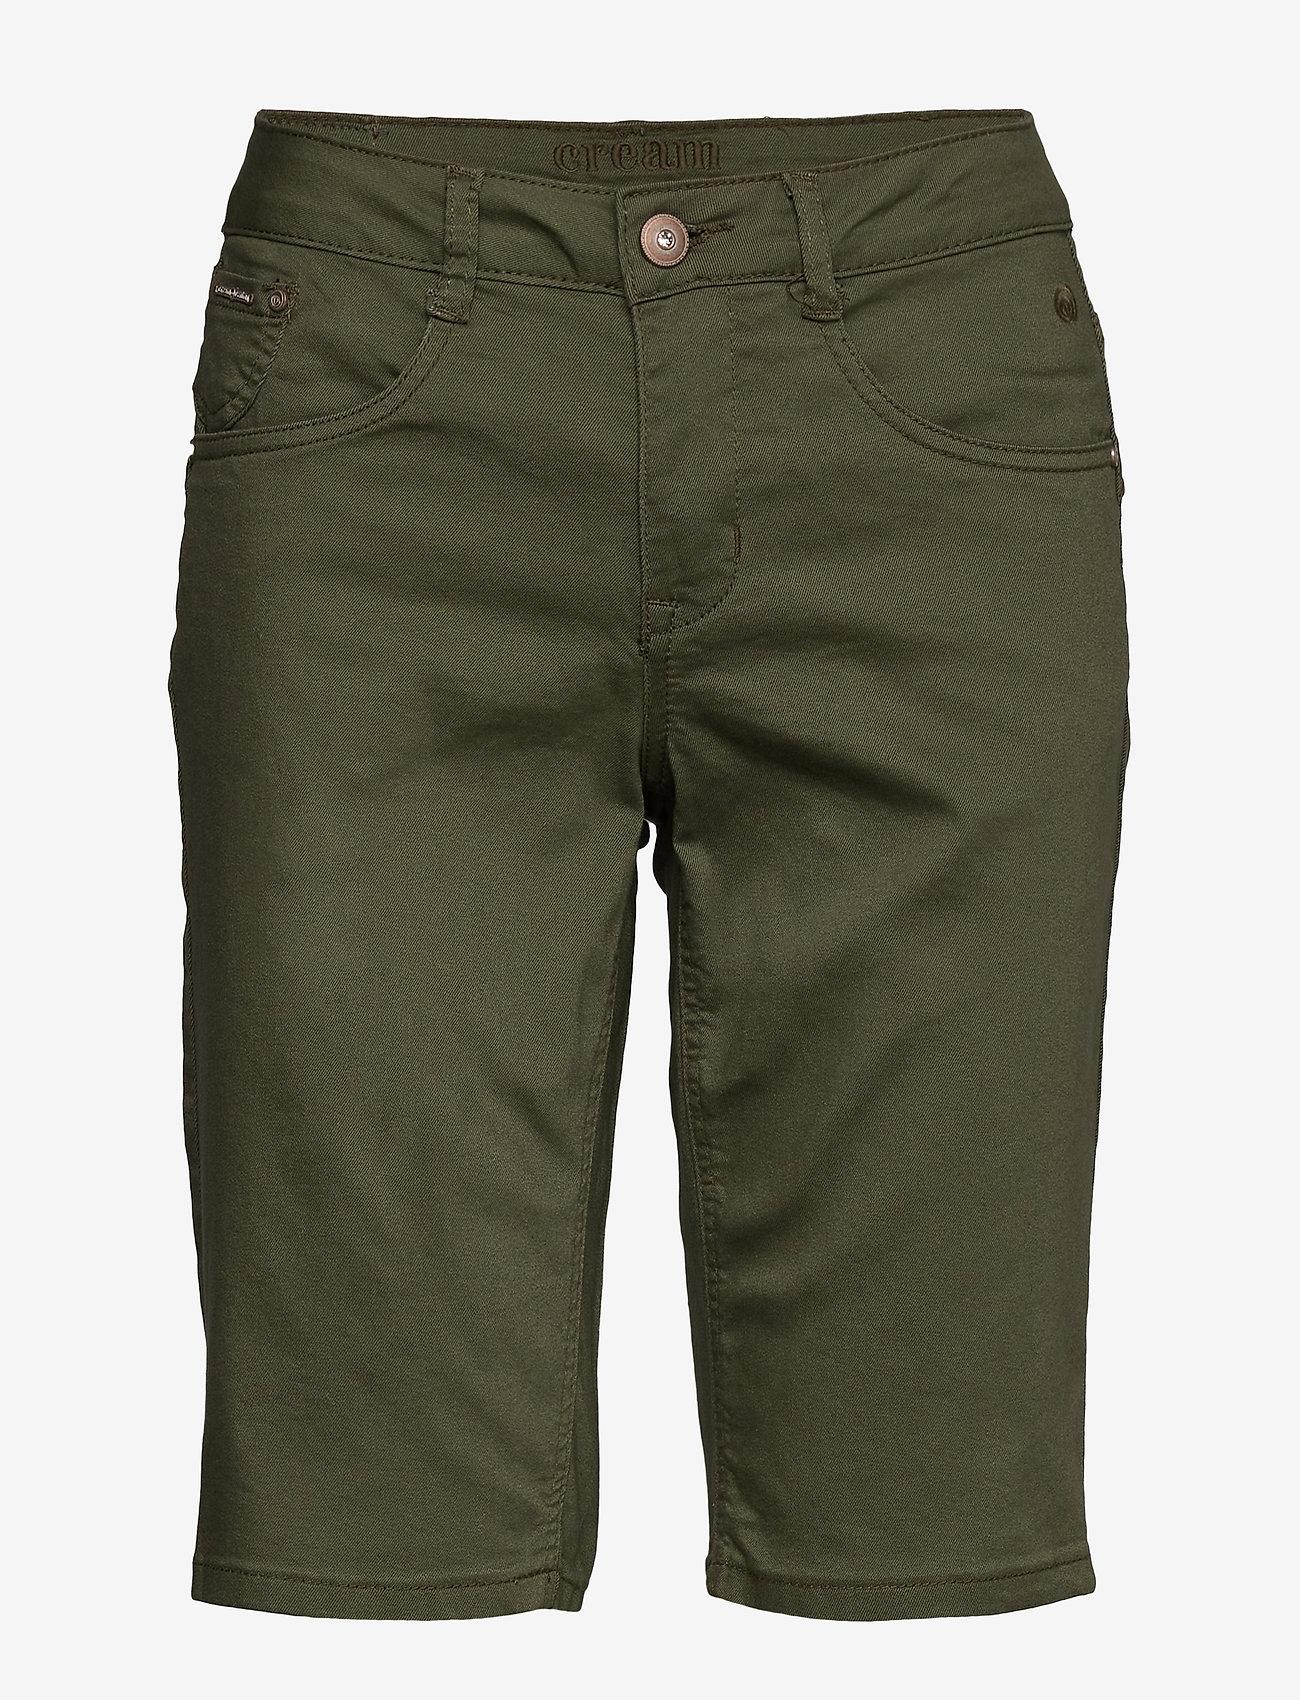 Cream - VavaCR Shorts - Coco Fit - bermudas - burnt olive - 0